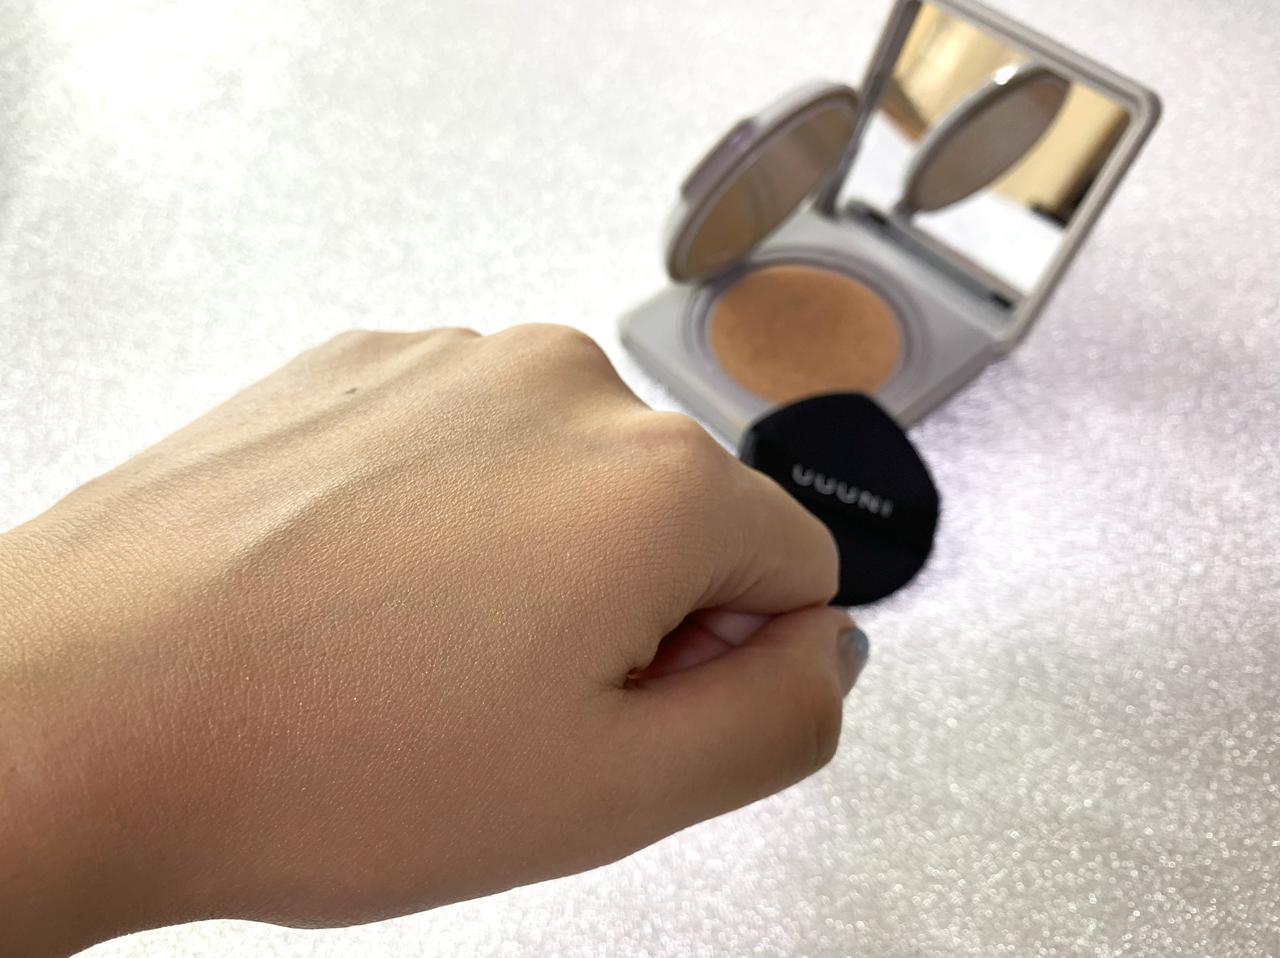 画像4: 【試用レポ】てんちむさんイメージモデル!スキンケア発想の『UUUNI(ウーニ)クッションファンデーション』を試してみました♪